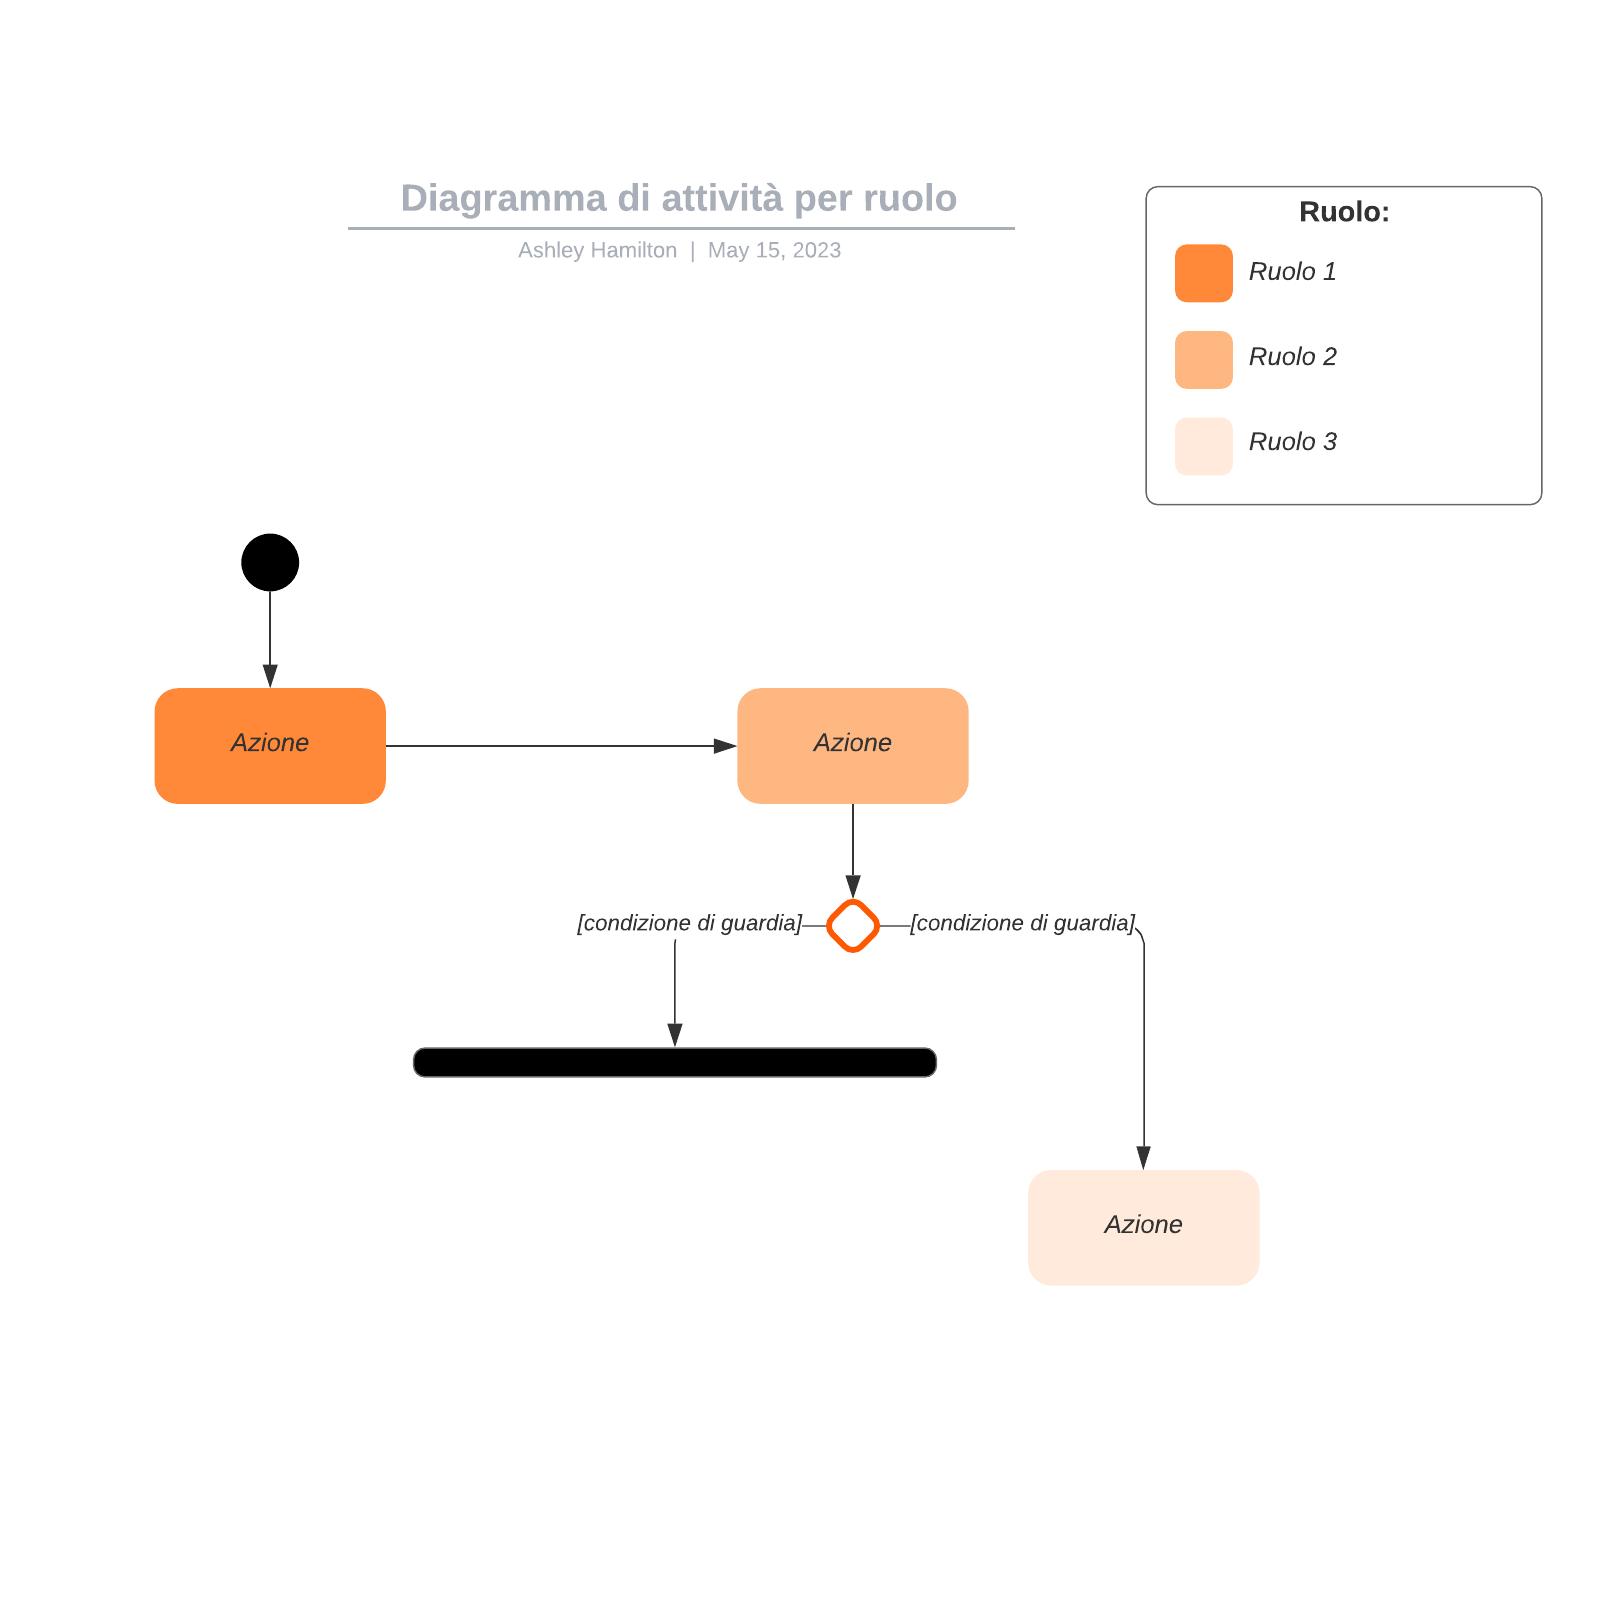 Diagramma di attività per ruolo